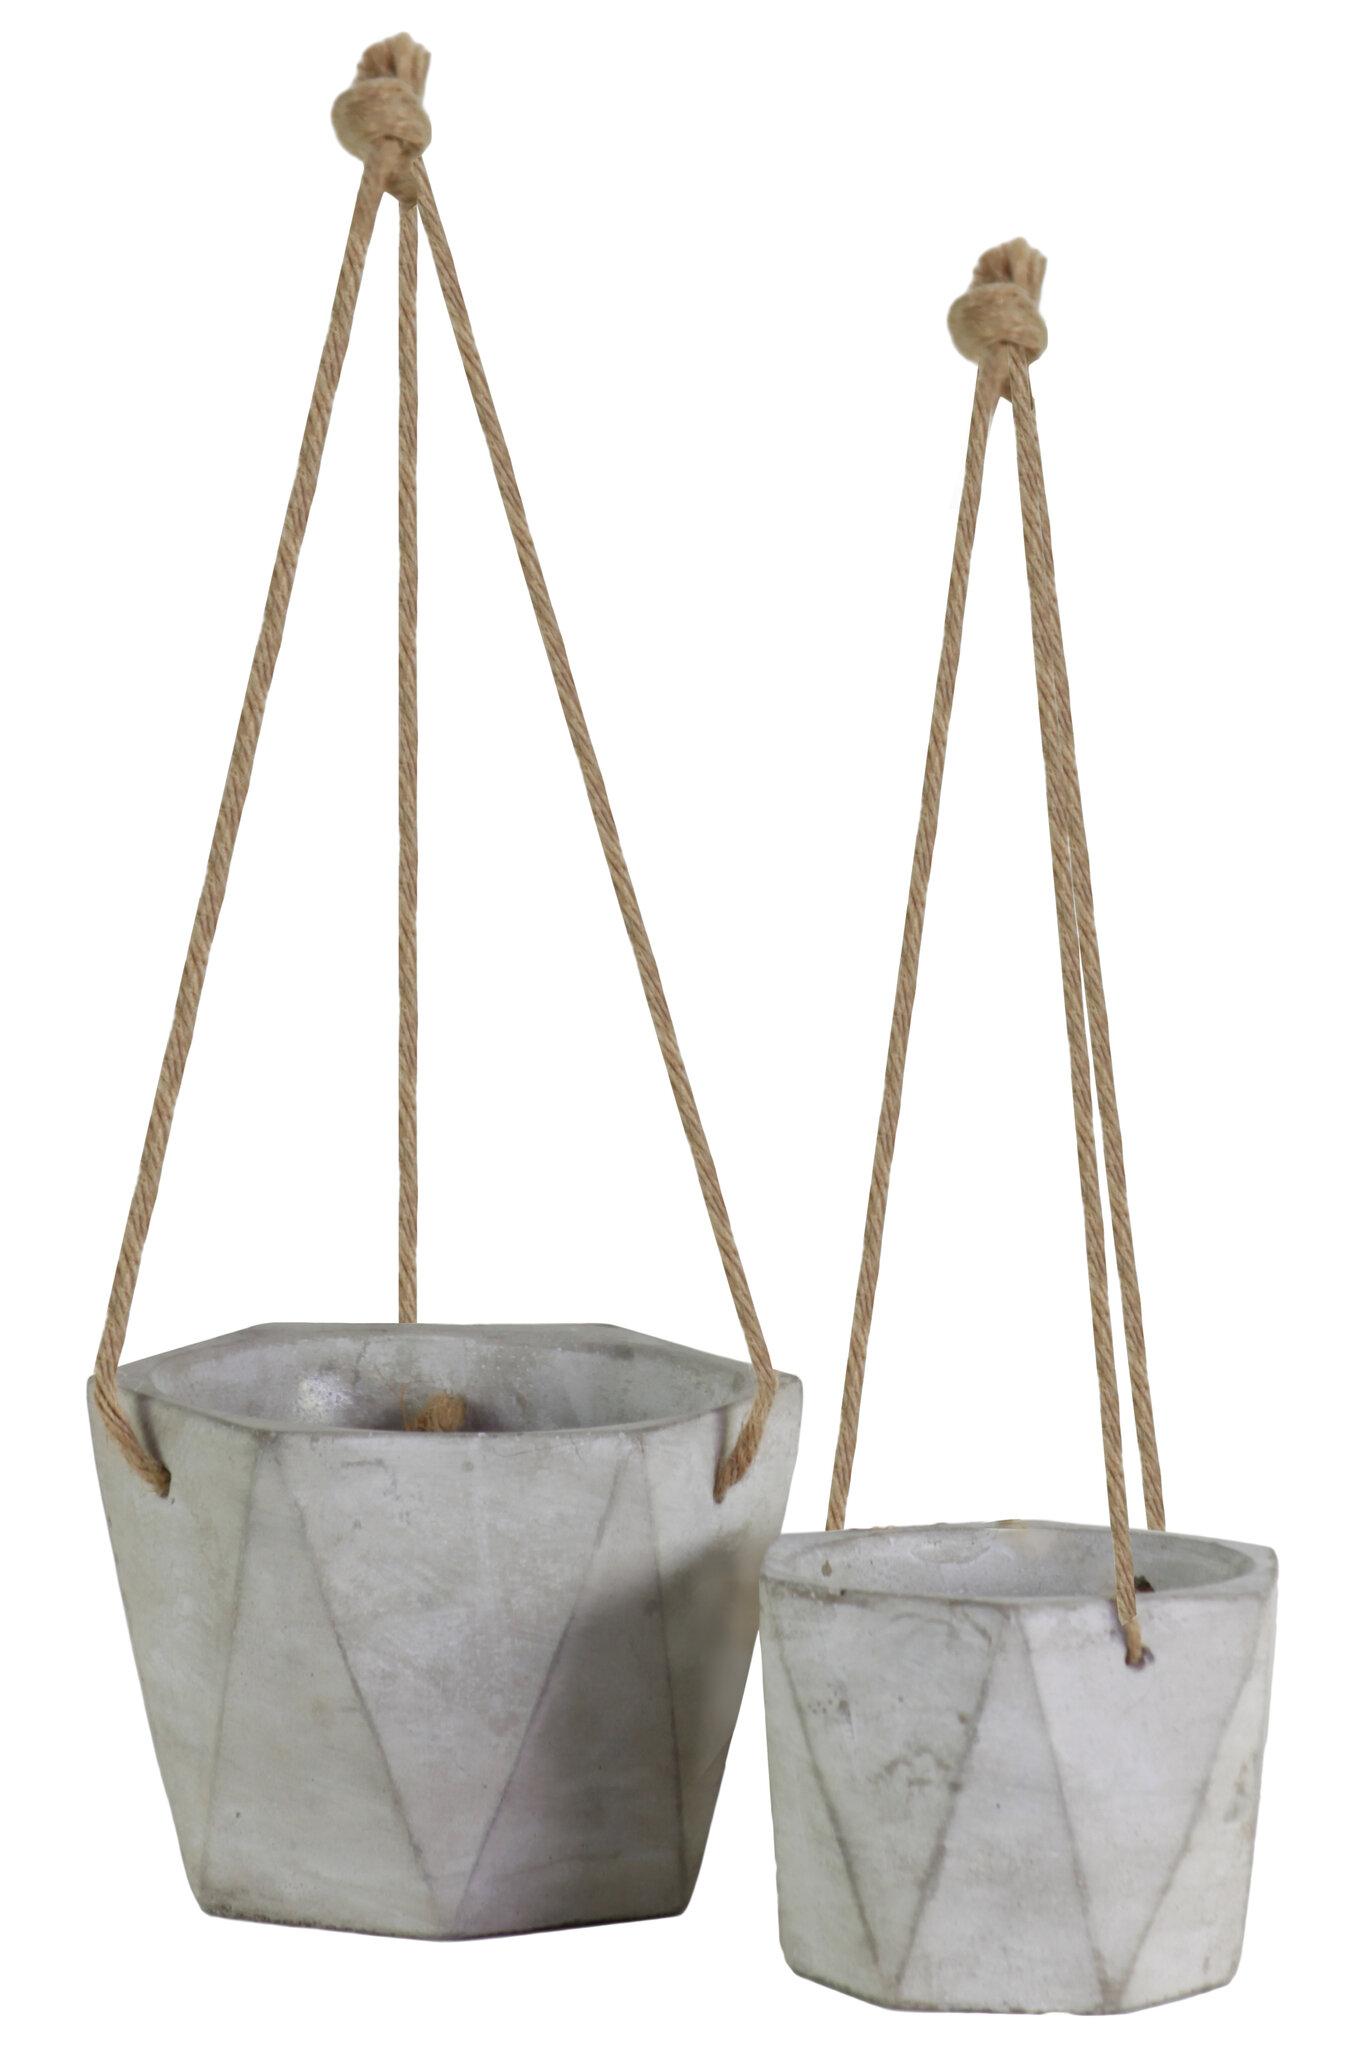 Longshore Tides Lawson 2 Piece Cement Hanging Planter Set Wayfair